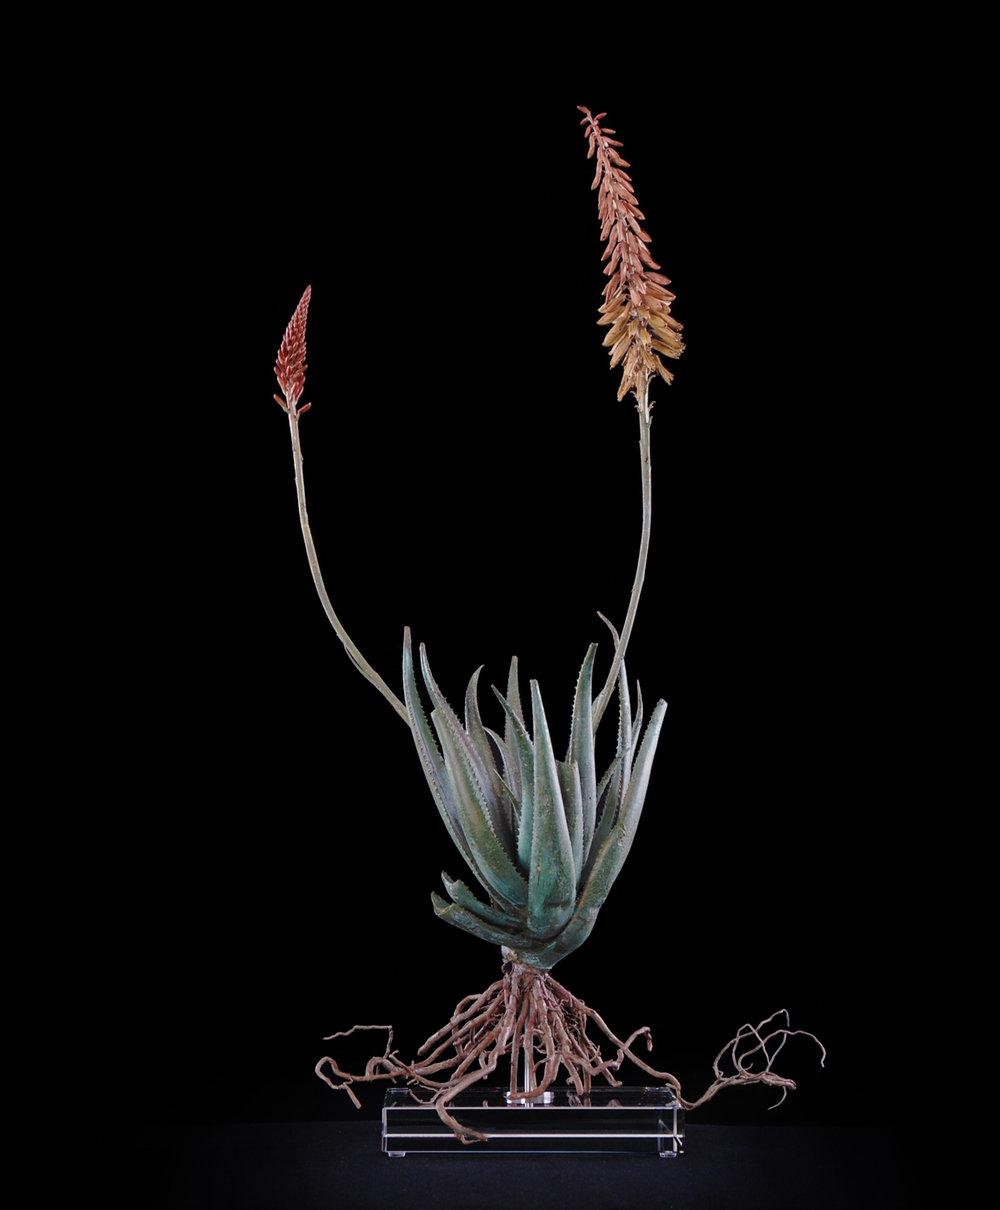 <i>Aloe pluridens x (iii)</i>